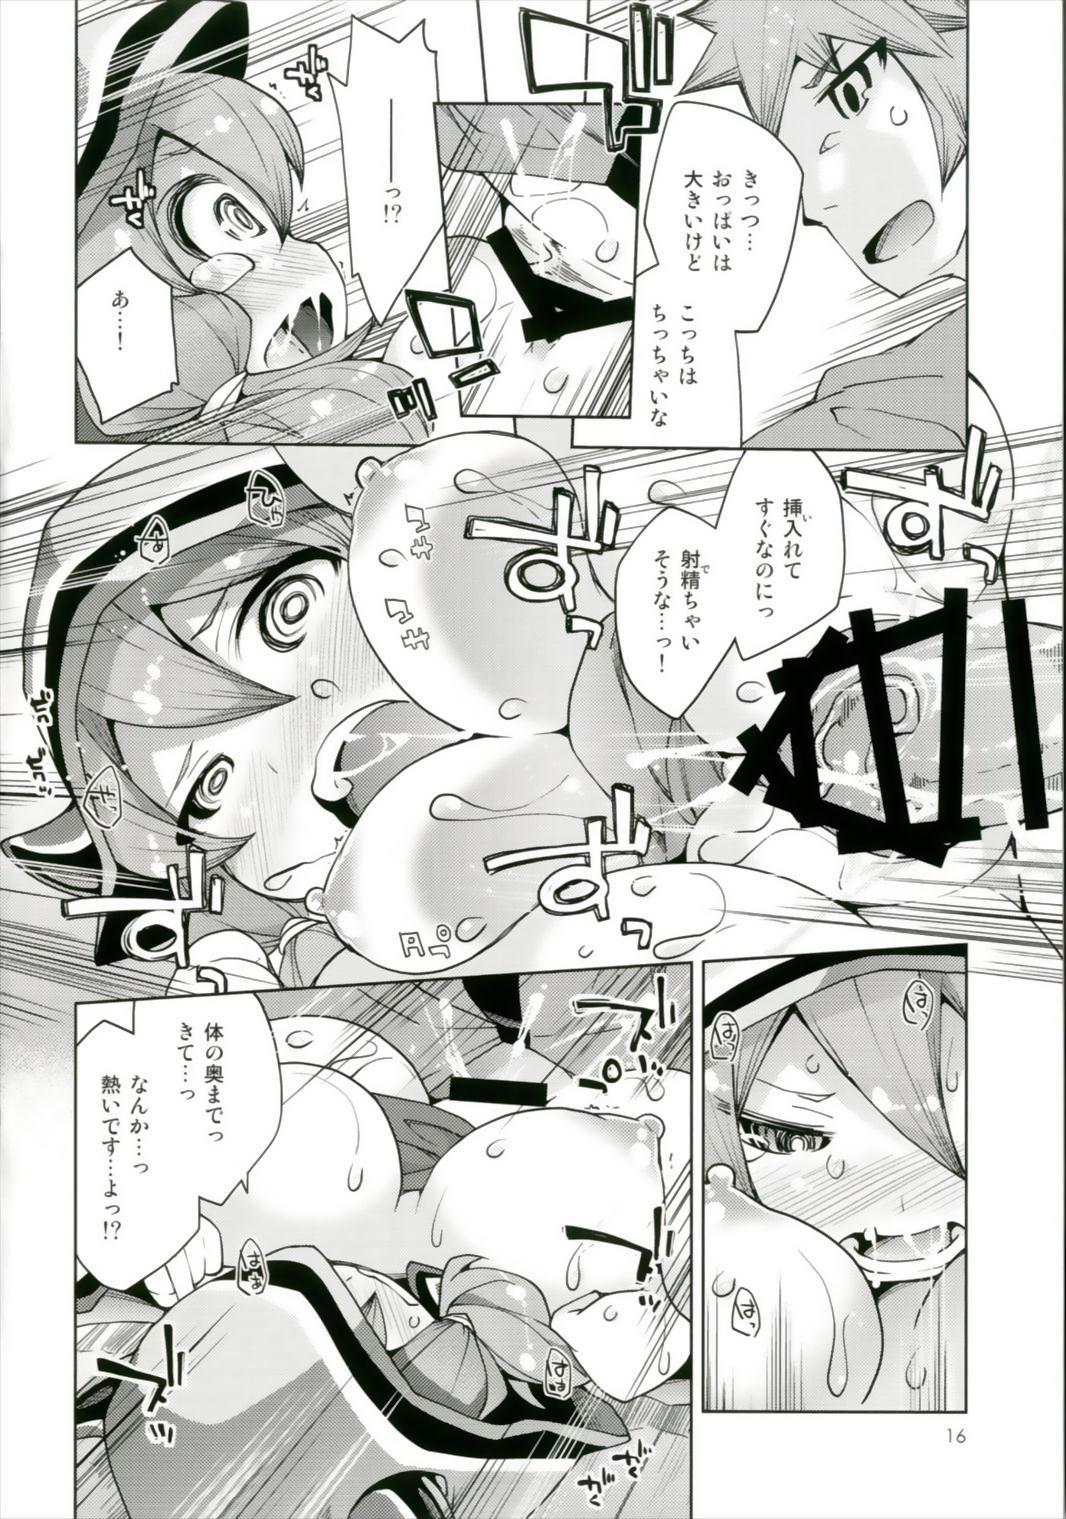 Kikuushi-sama e no Shinmitsudo ga MAX ni Narimashita! 15